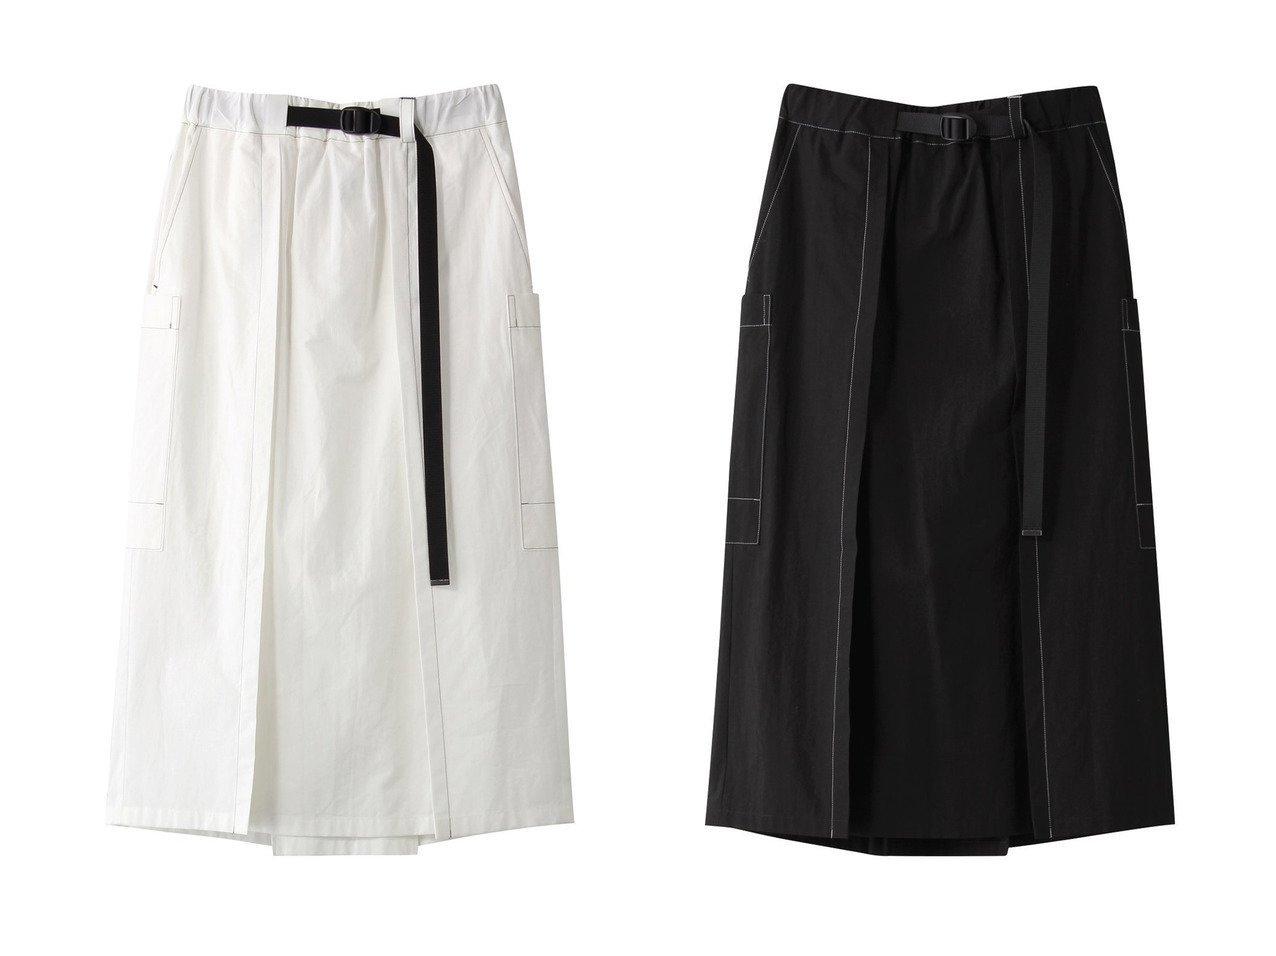 【Ujoh/ウジョー】のコットンテープベルトタイトスカート 【スカート】おすすめ!人気、トレンド・レディースファッションの通販 おすすめで人気の流行・トレンド、ファッションの通販商品 メンズファッション・キッズファッション・インテリア・家具・レディースファッション・服の通販 founy(ファニー) https://founy.com/ ファッション Fashion レディースファッション WOMEN スカート Skirt ベルト Belts 2021年 2021 2021春夏・S/S SS/Spring/Summer/2021 S/S・春夏 SS・Spring/Summer スポーティ トレンド ポケット 人気 今季 春 Spring |ID:crp329100000028441